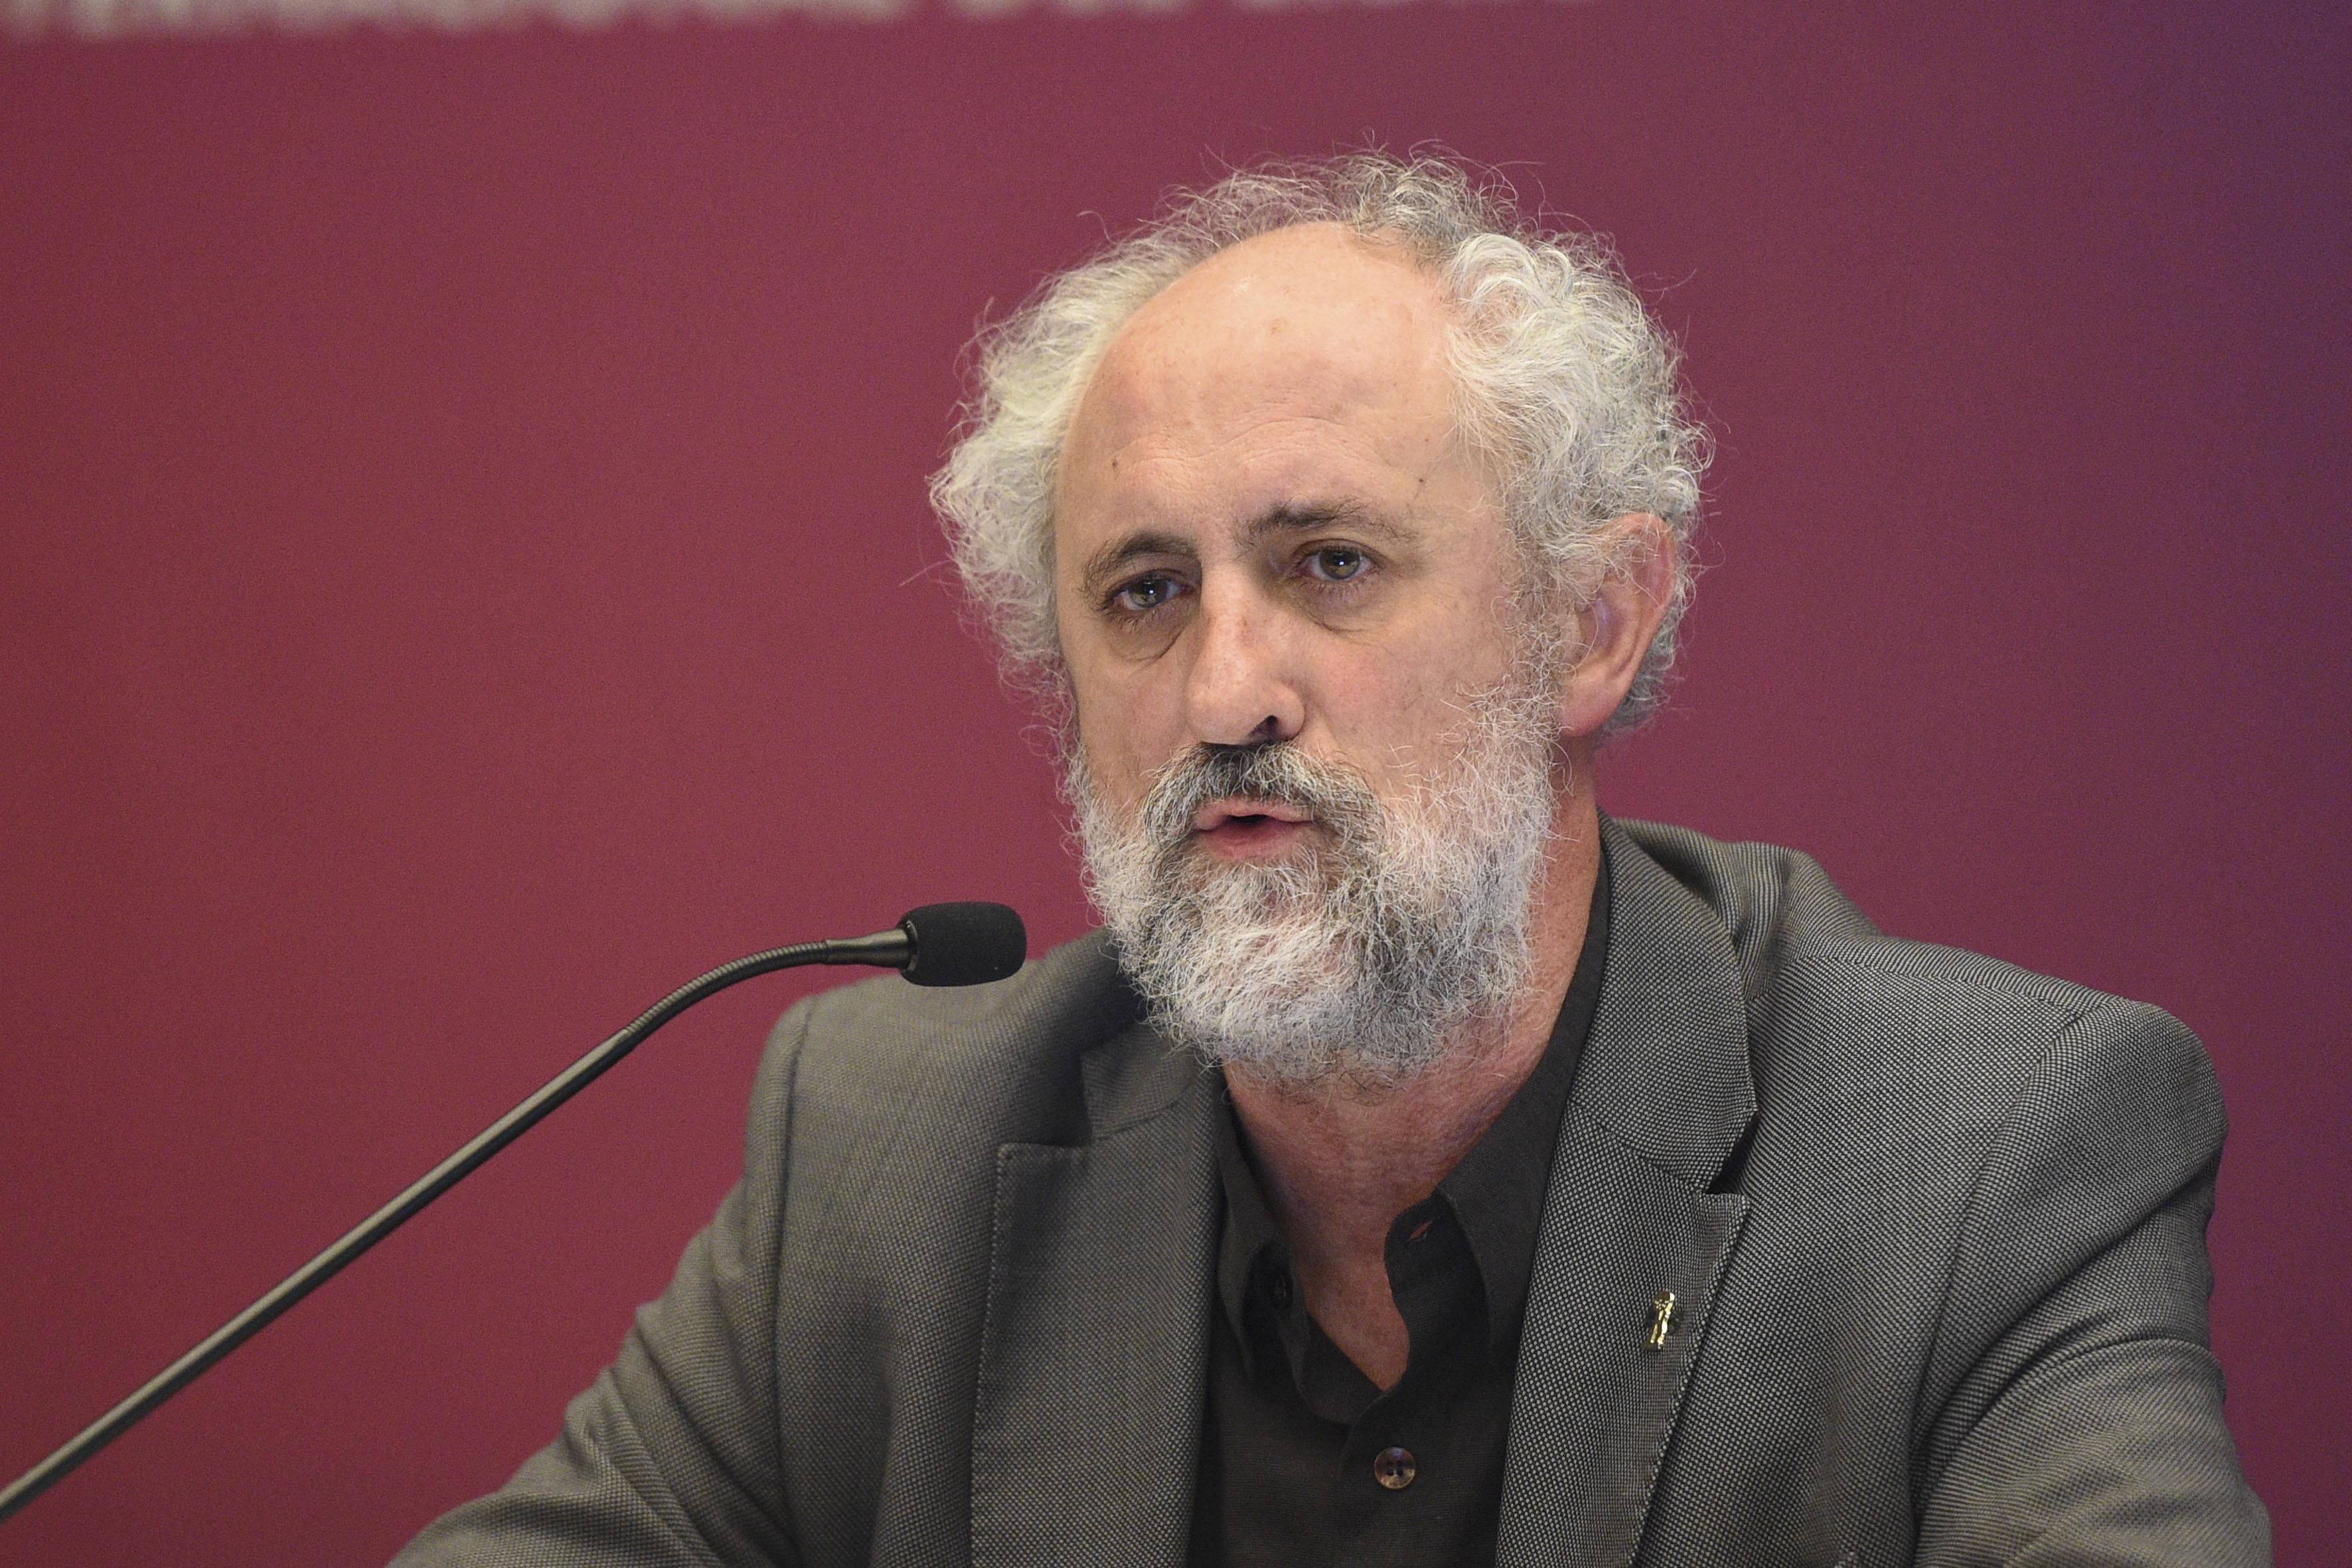 Coordinador General de la Alcaldía de Madrid, Luis Cueto Álvarez, haciendo uso de la palabra